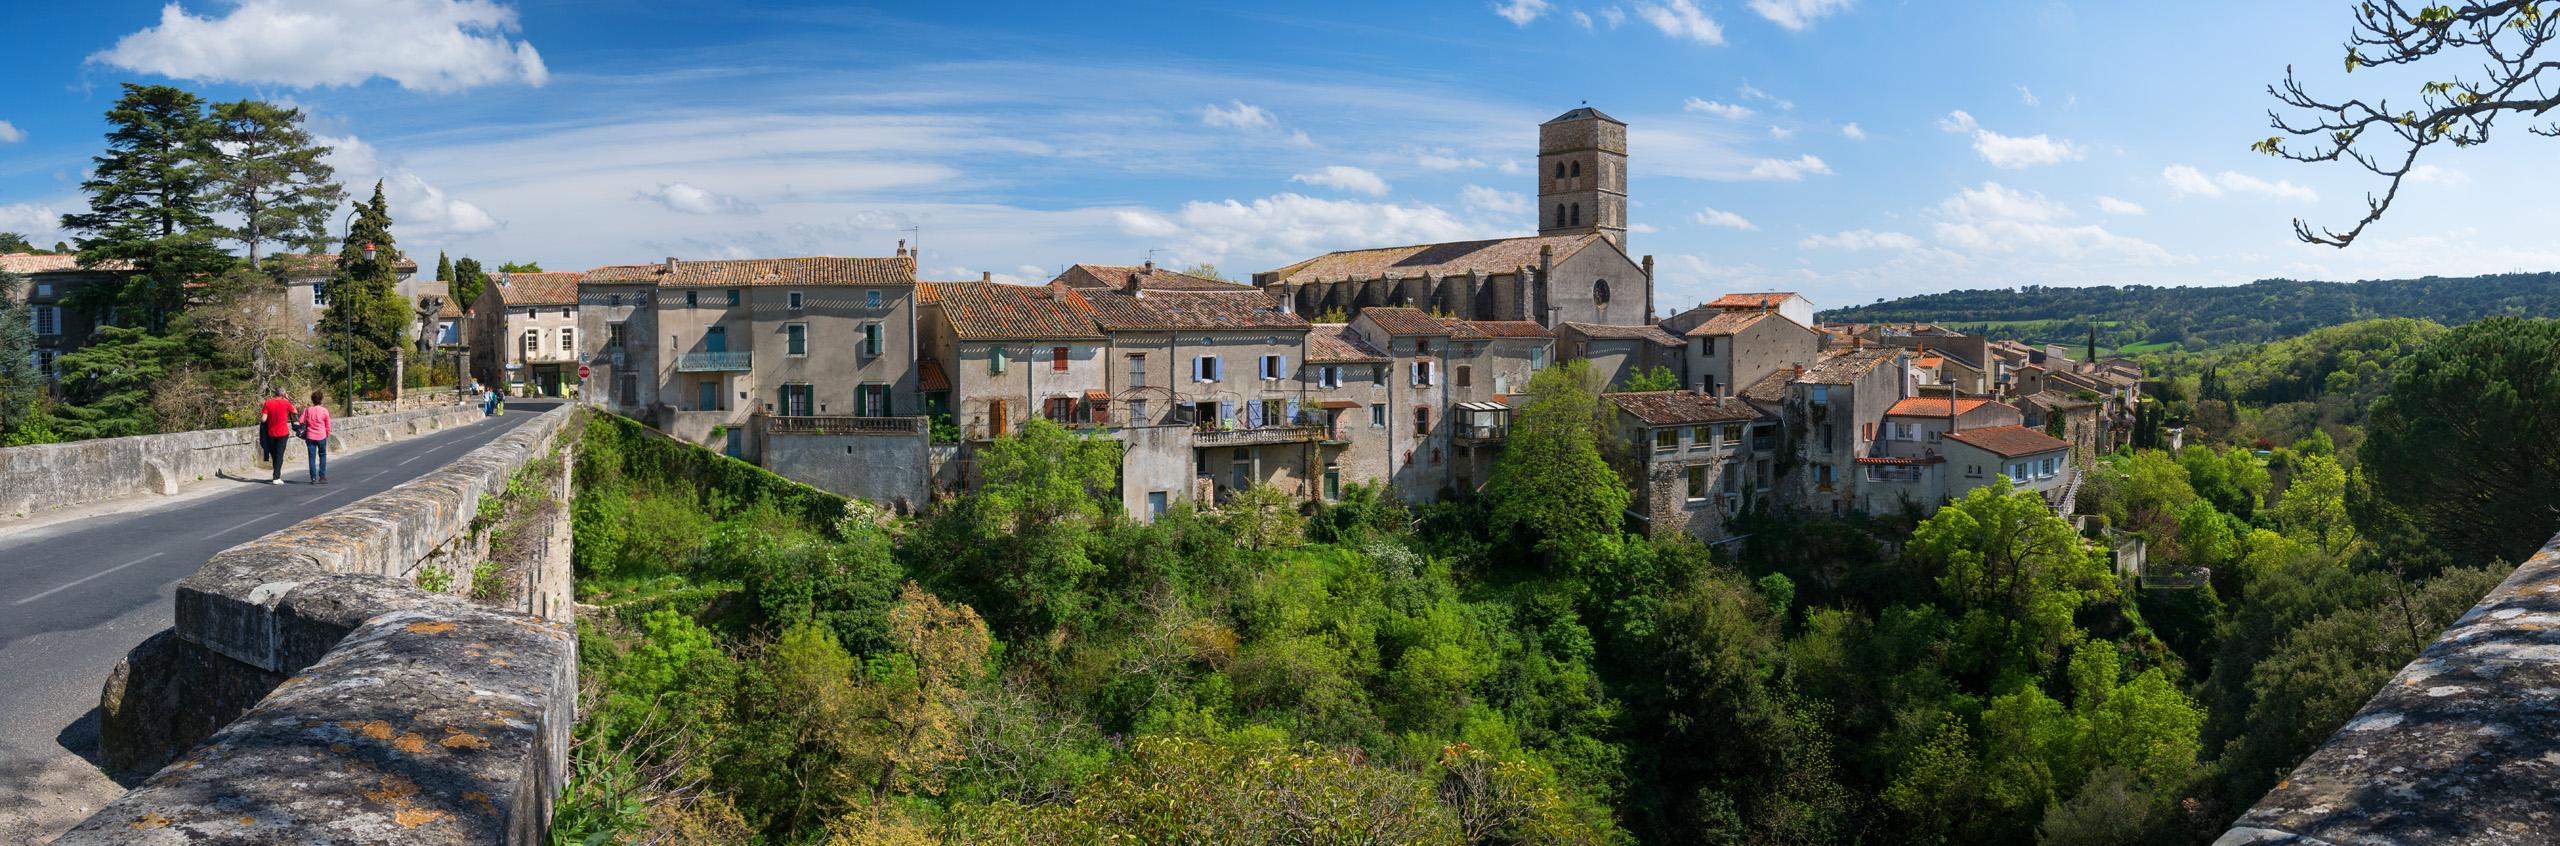 Montolieu, Village du Livre (Aude, 11) - Panorama du village vu du pont